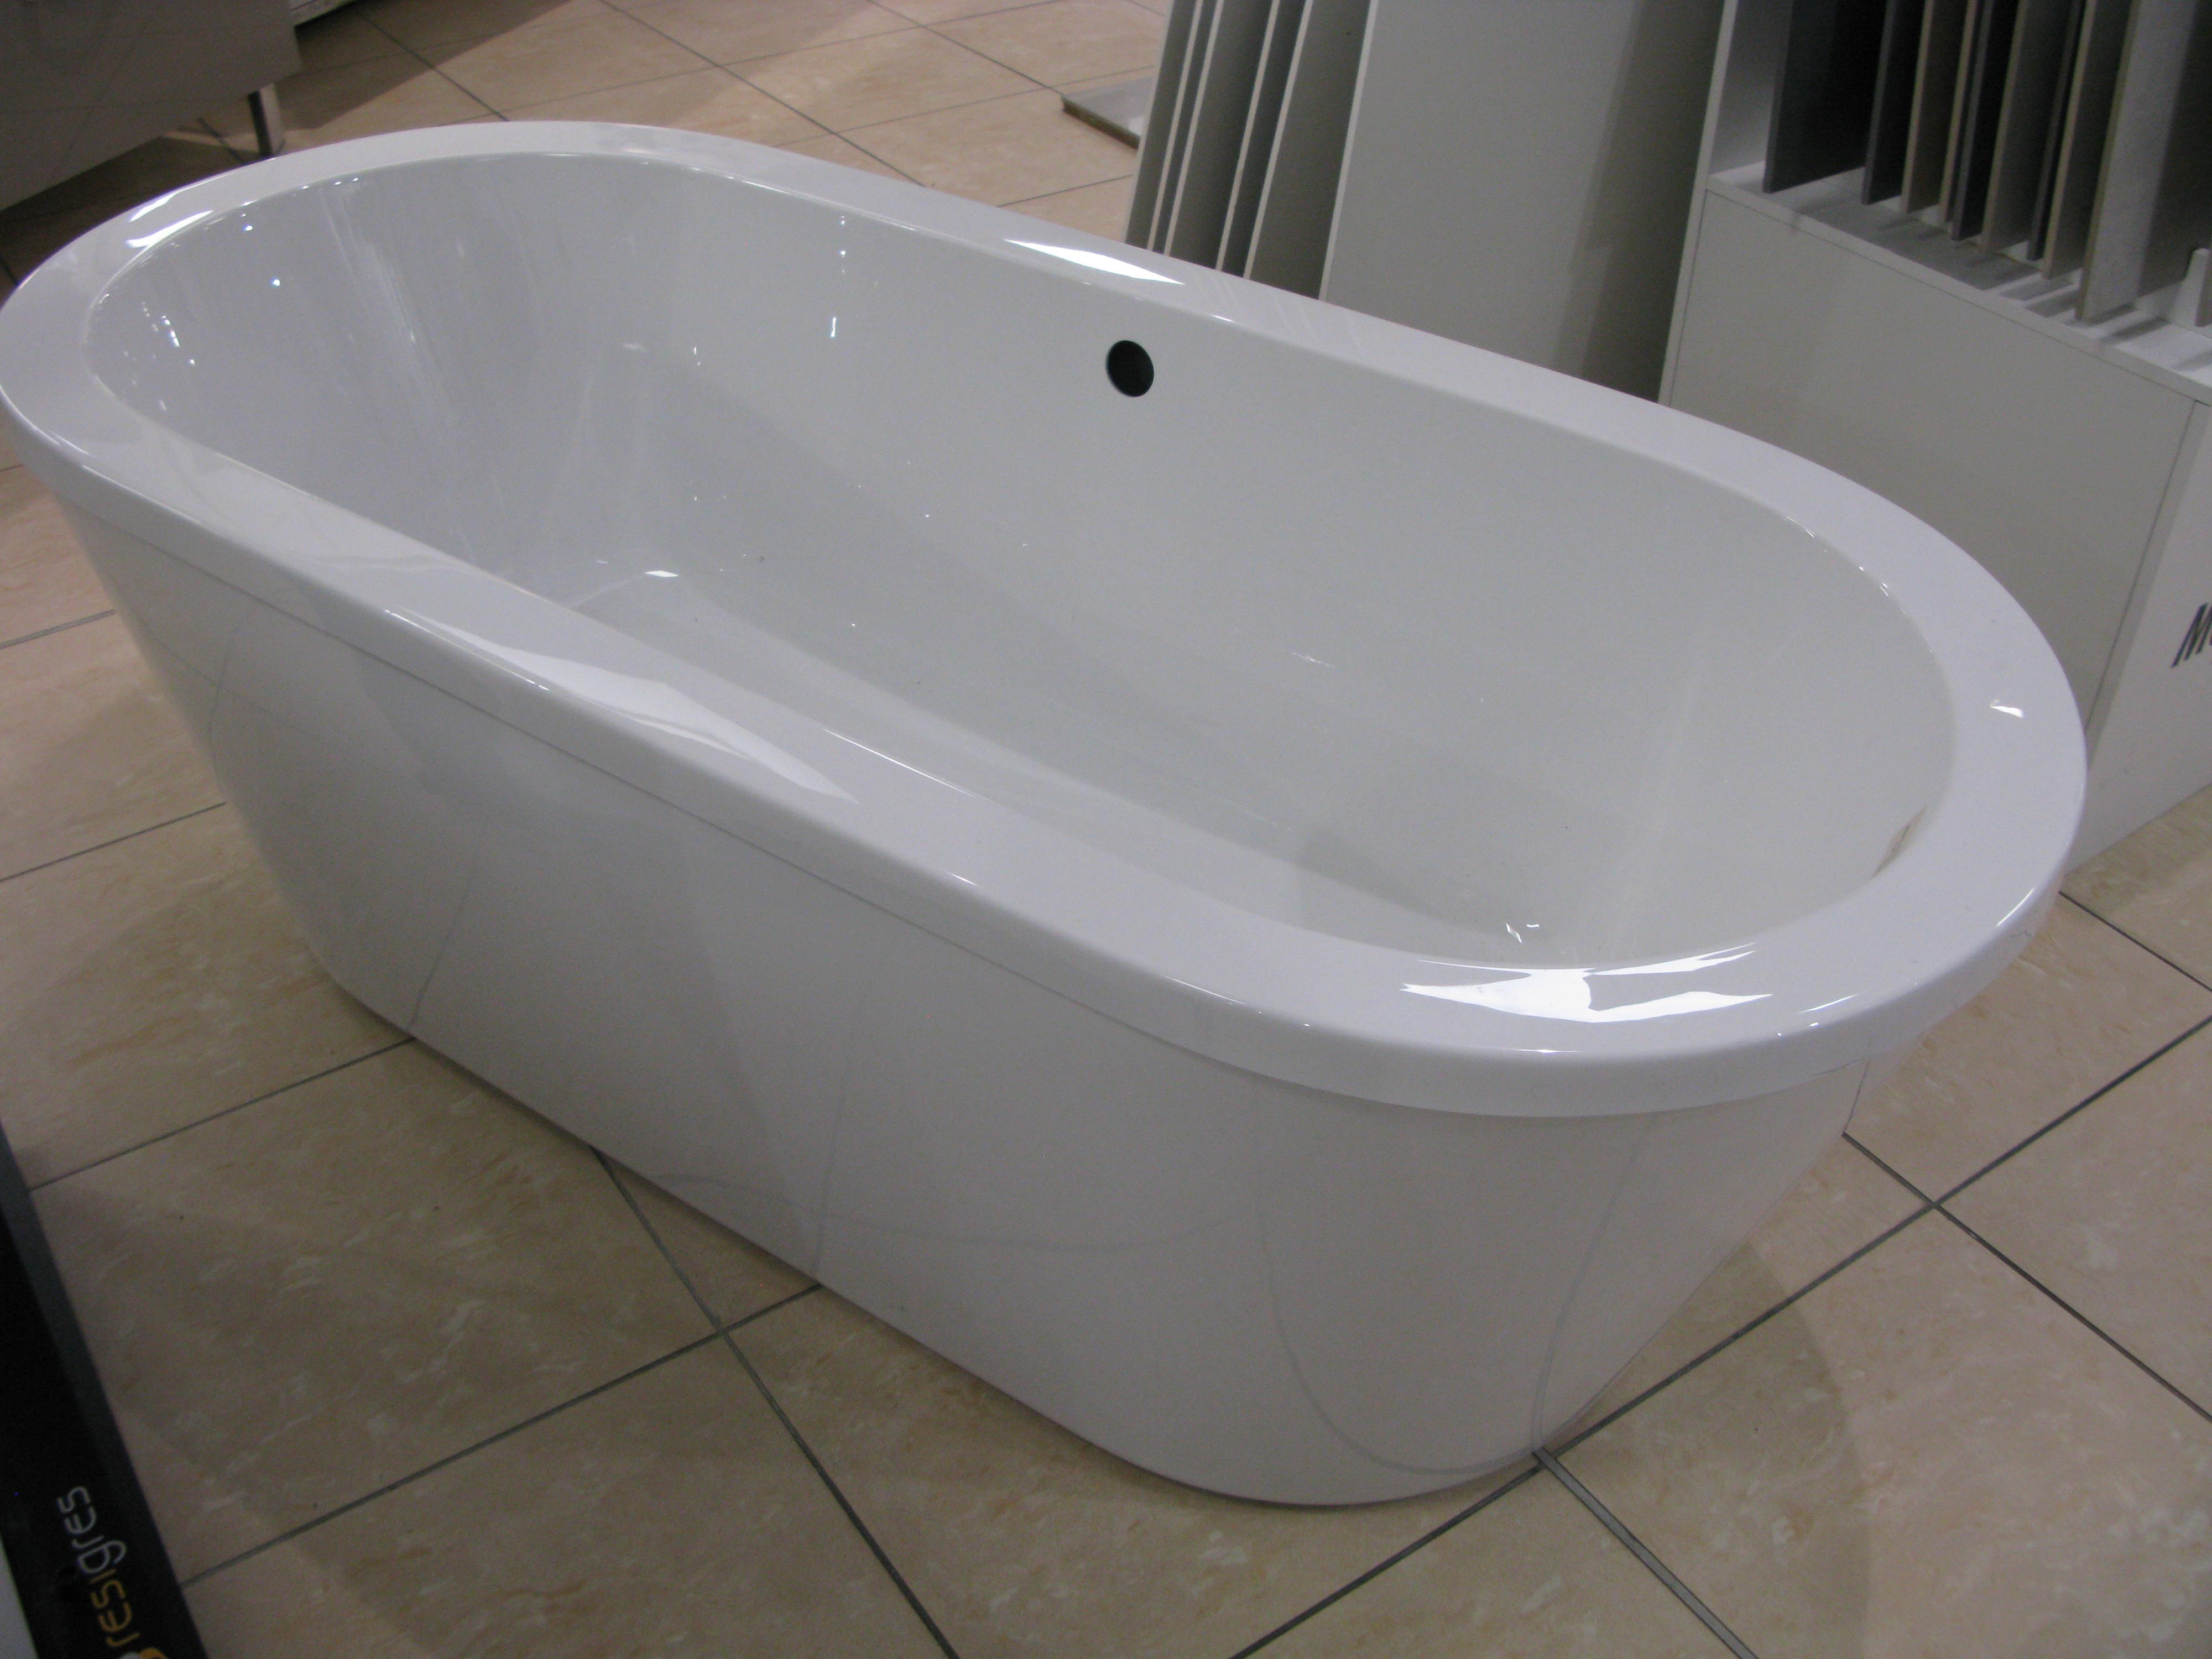 baignoire ilot baignoire baignoire et sanitaire carrelage. Black Bedroom Furniture Sets. Home Design Ideas